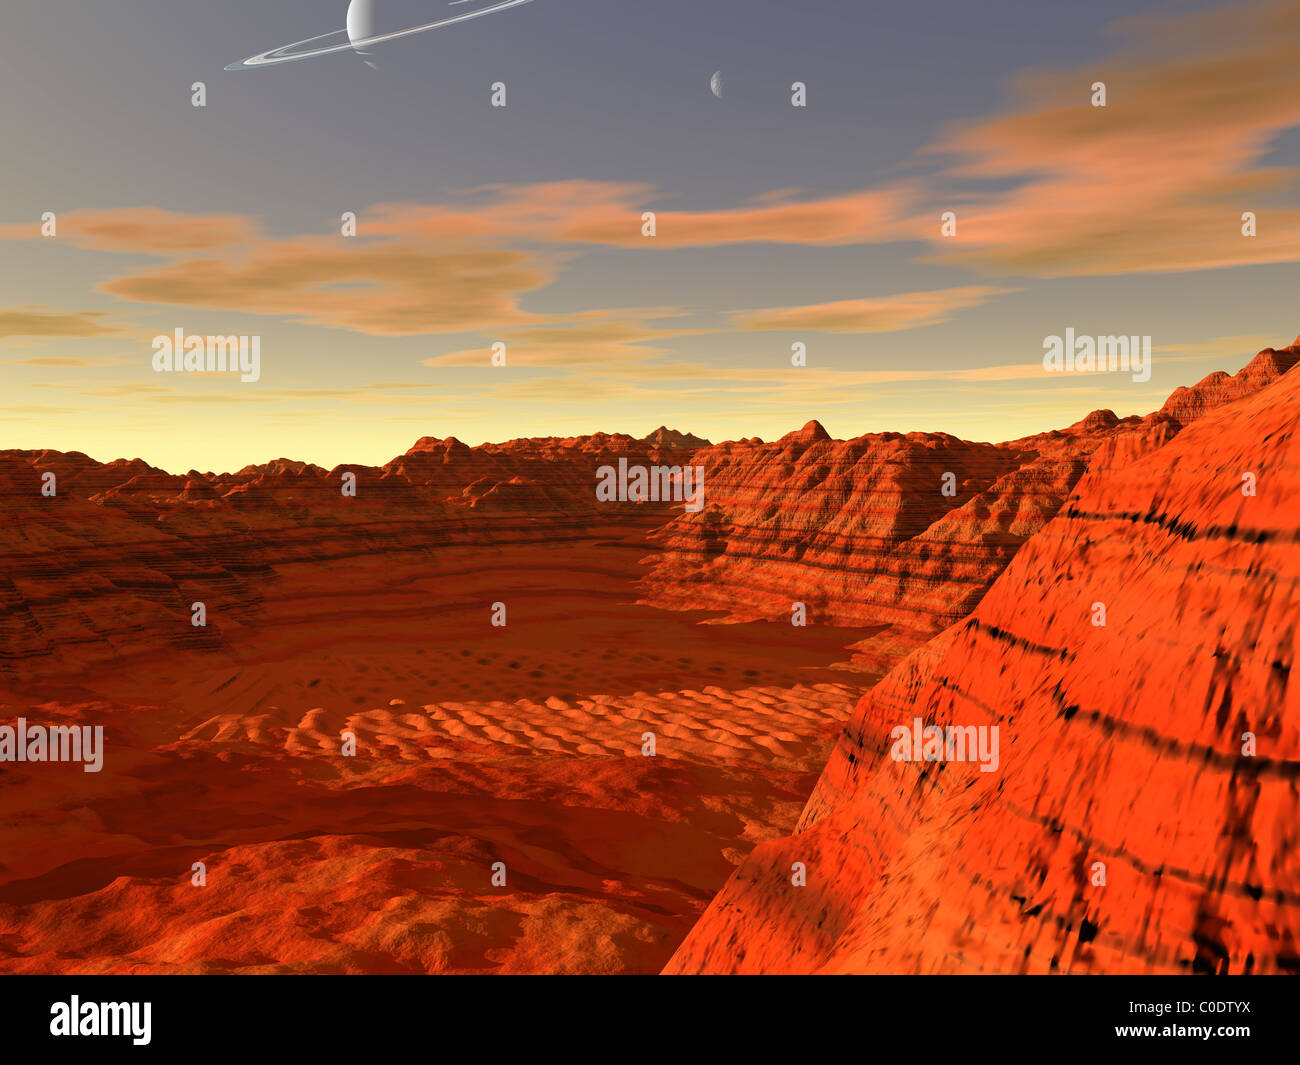 Künstlers Konzept eines erdähnlichen Planeten. Stockbild